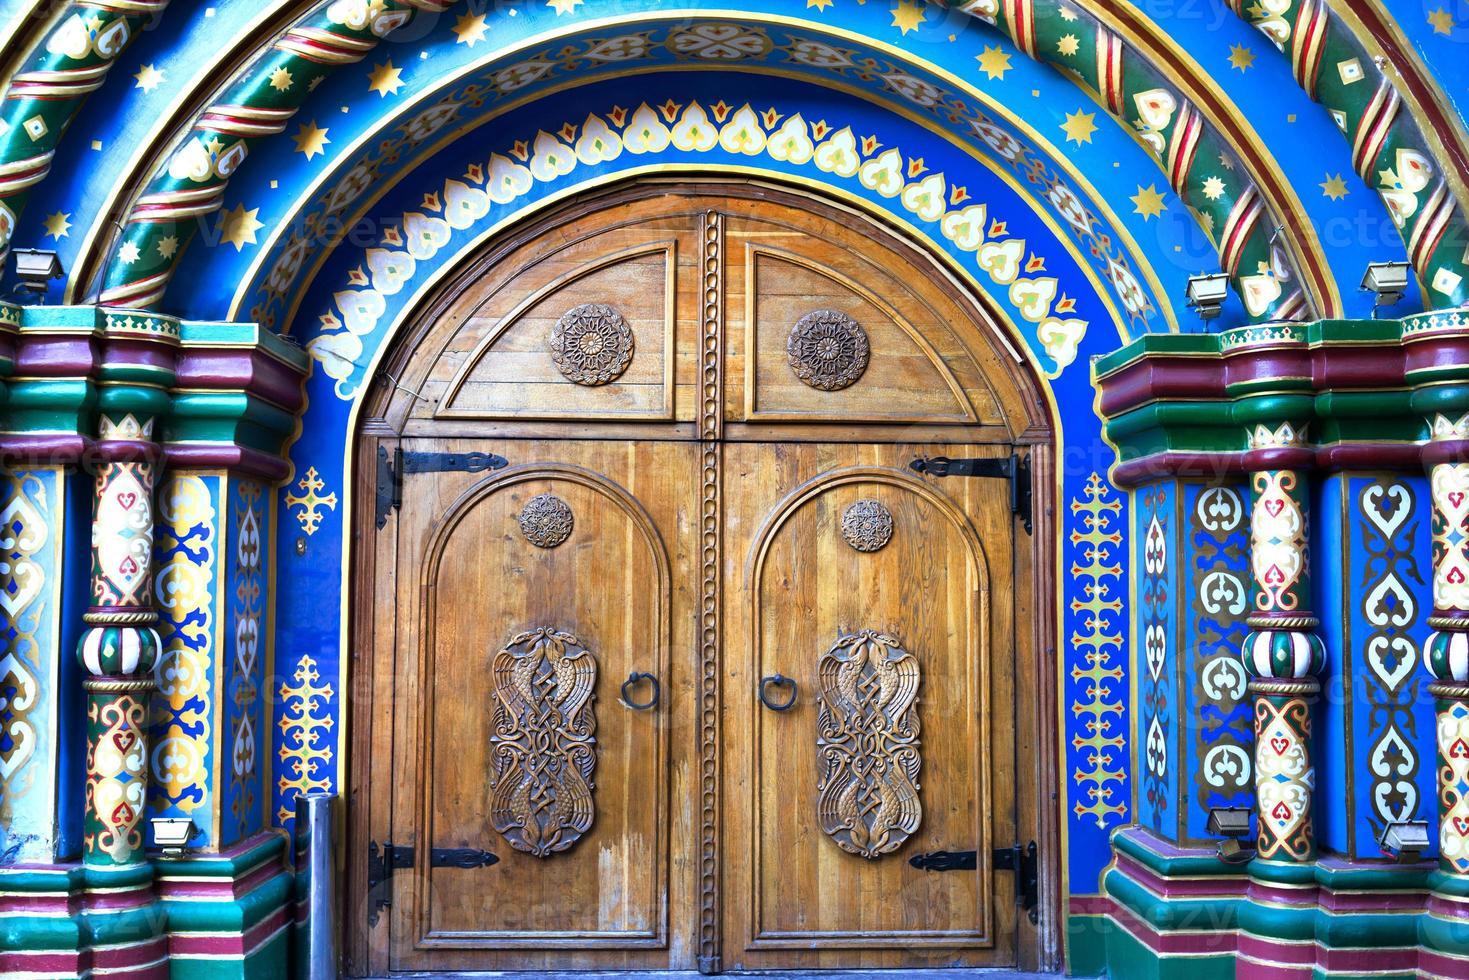 Moskau, Russland. Tür im alten russischen Stil foto